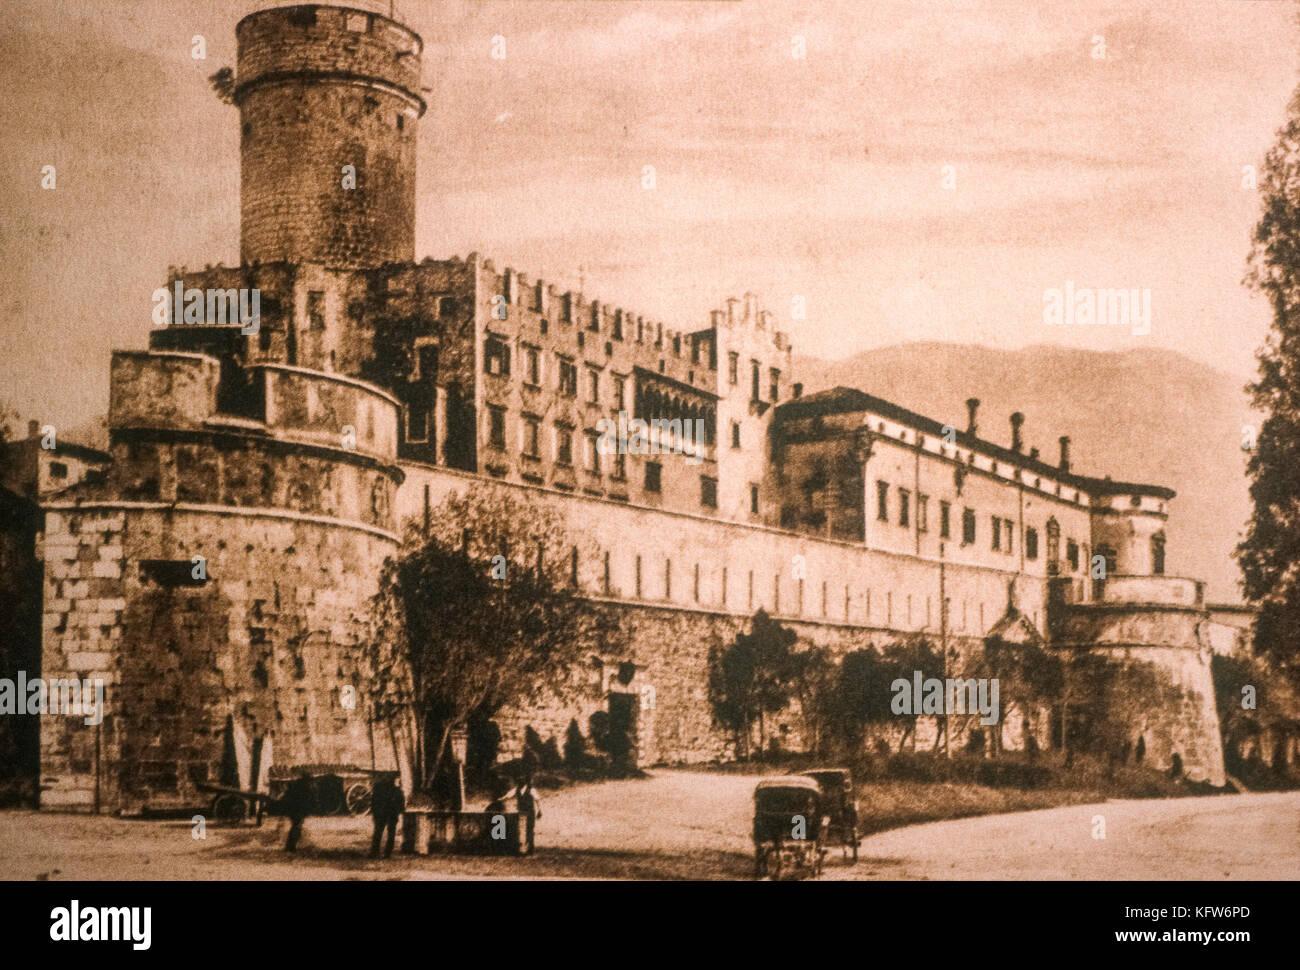 Italy Trentino Trento Castle del BuonConsiglio a ancient  print - Stock Image